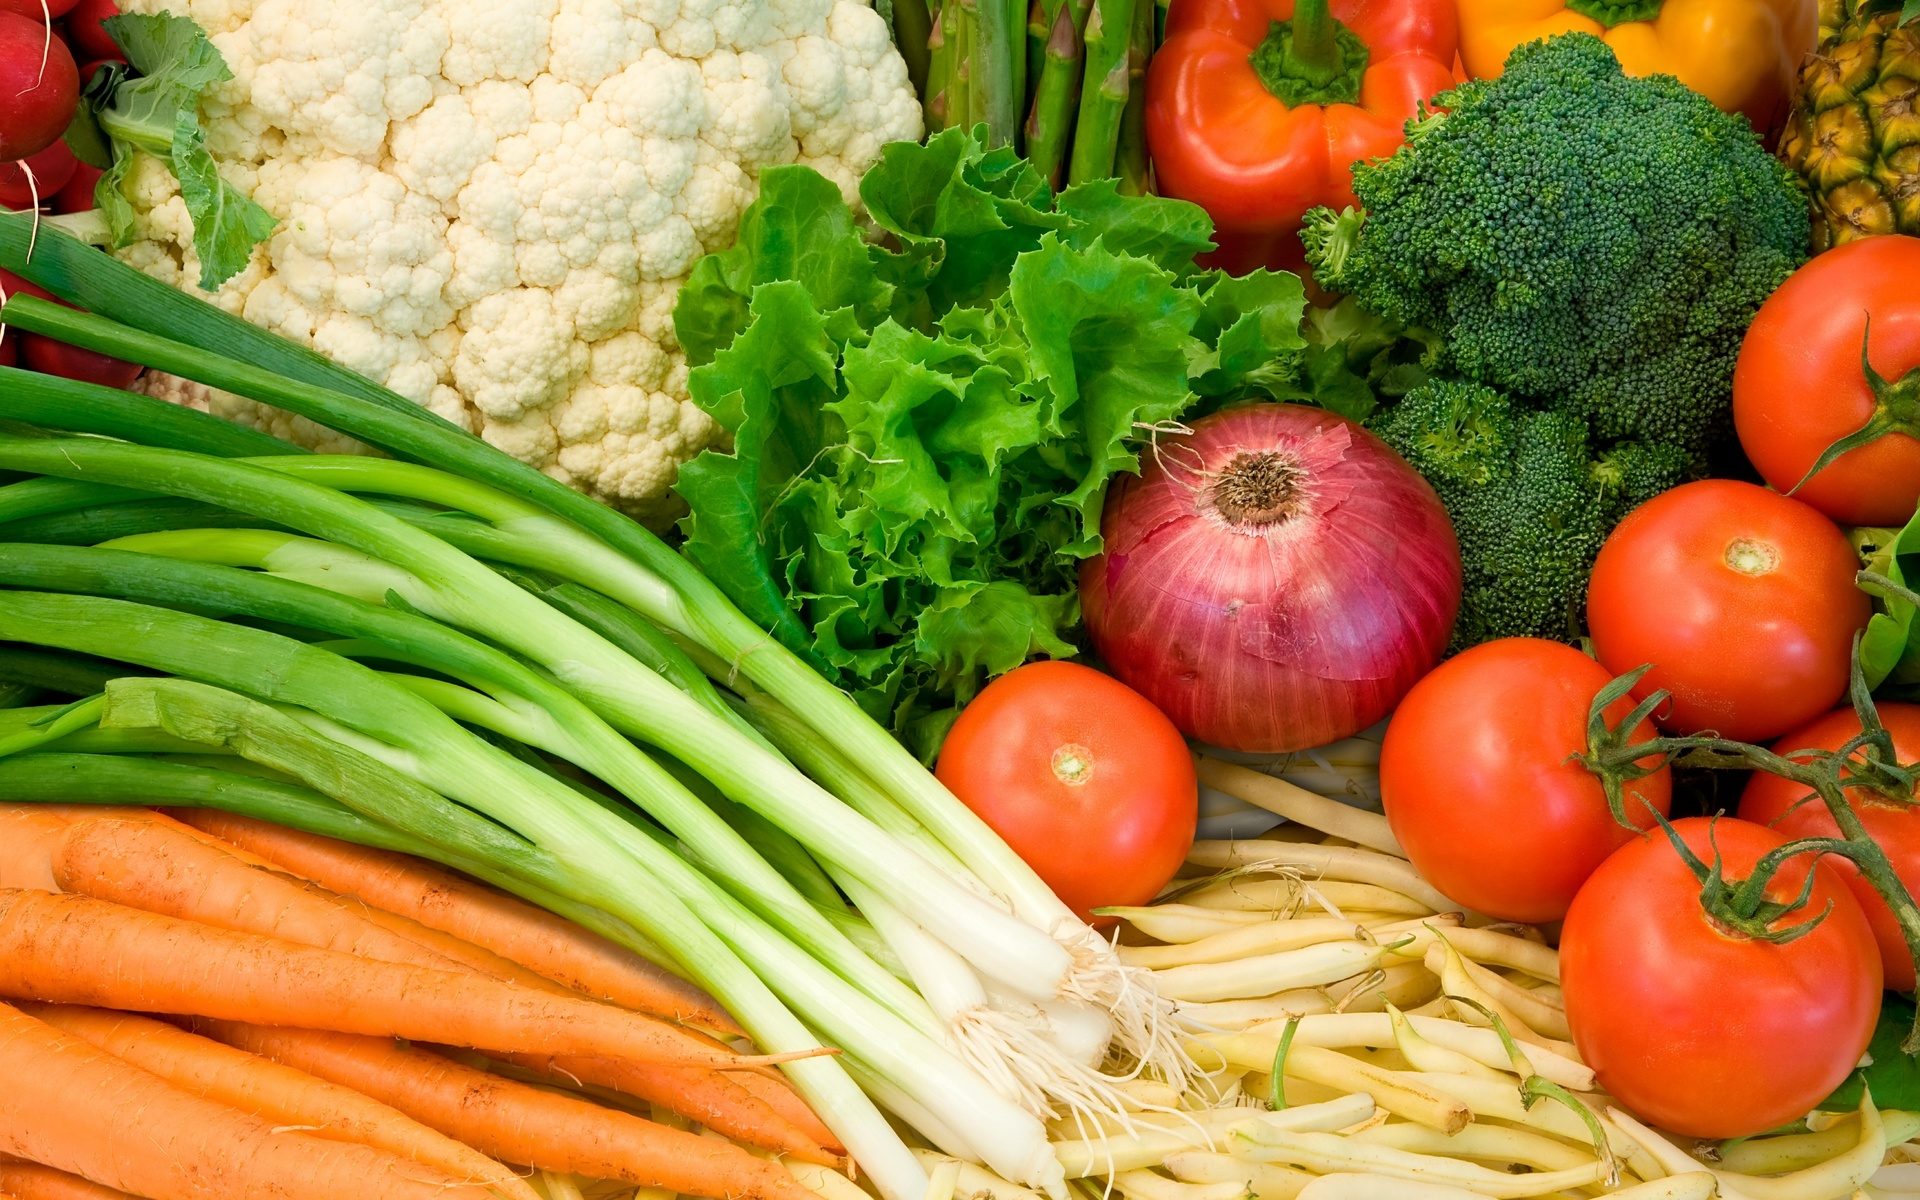 мадонна красивые картинки с овощами очень удивляется говорит